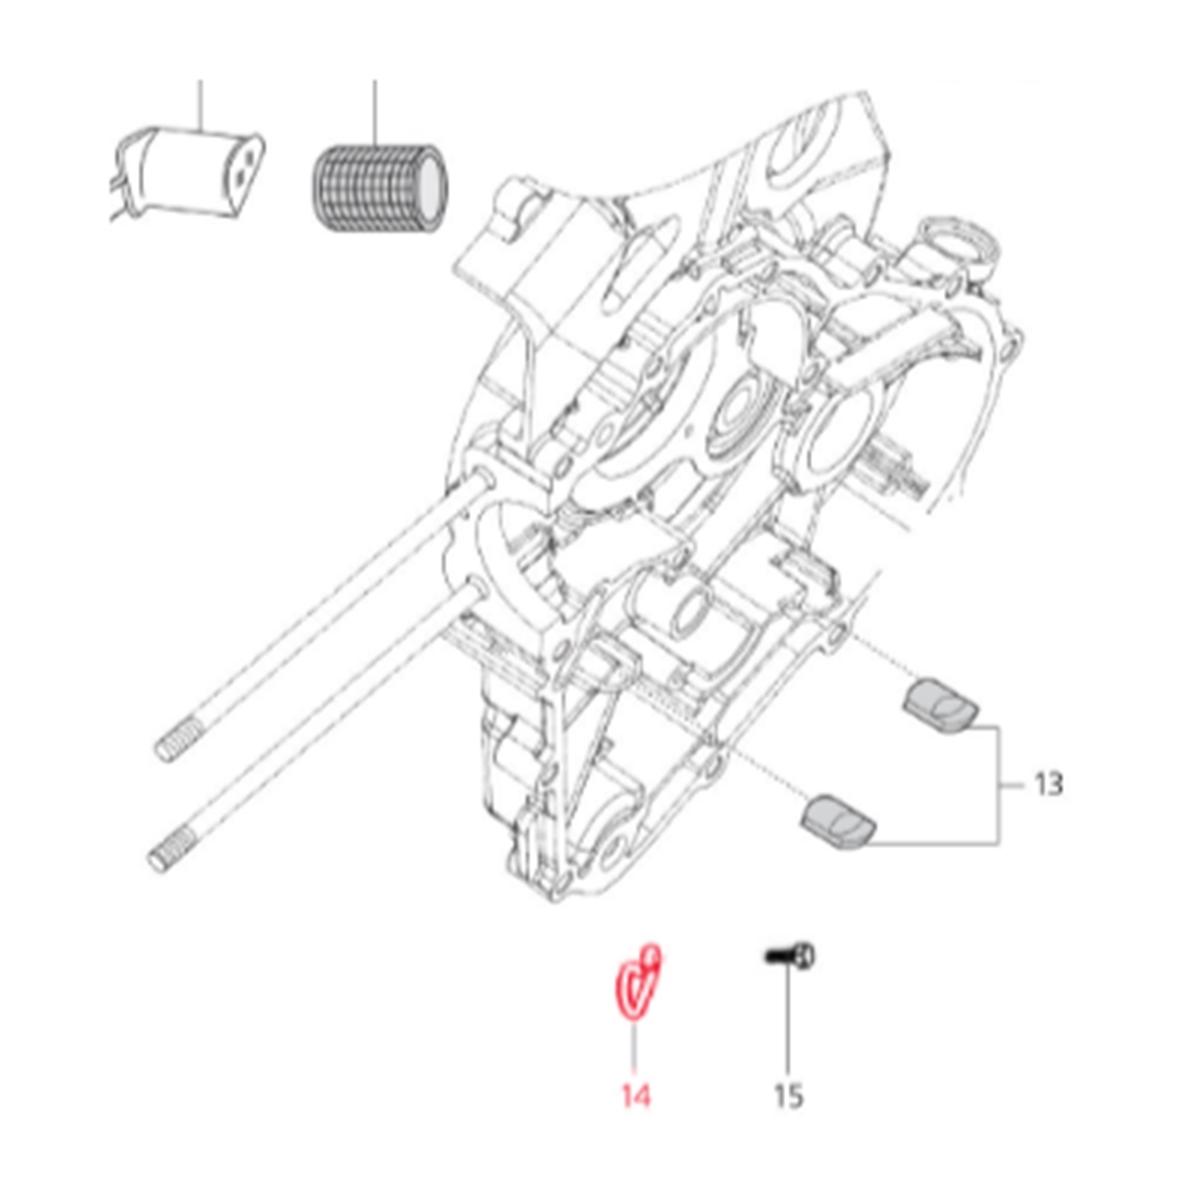 Image du produit 'Tôle de maintien LML câble de transmission'